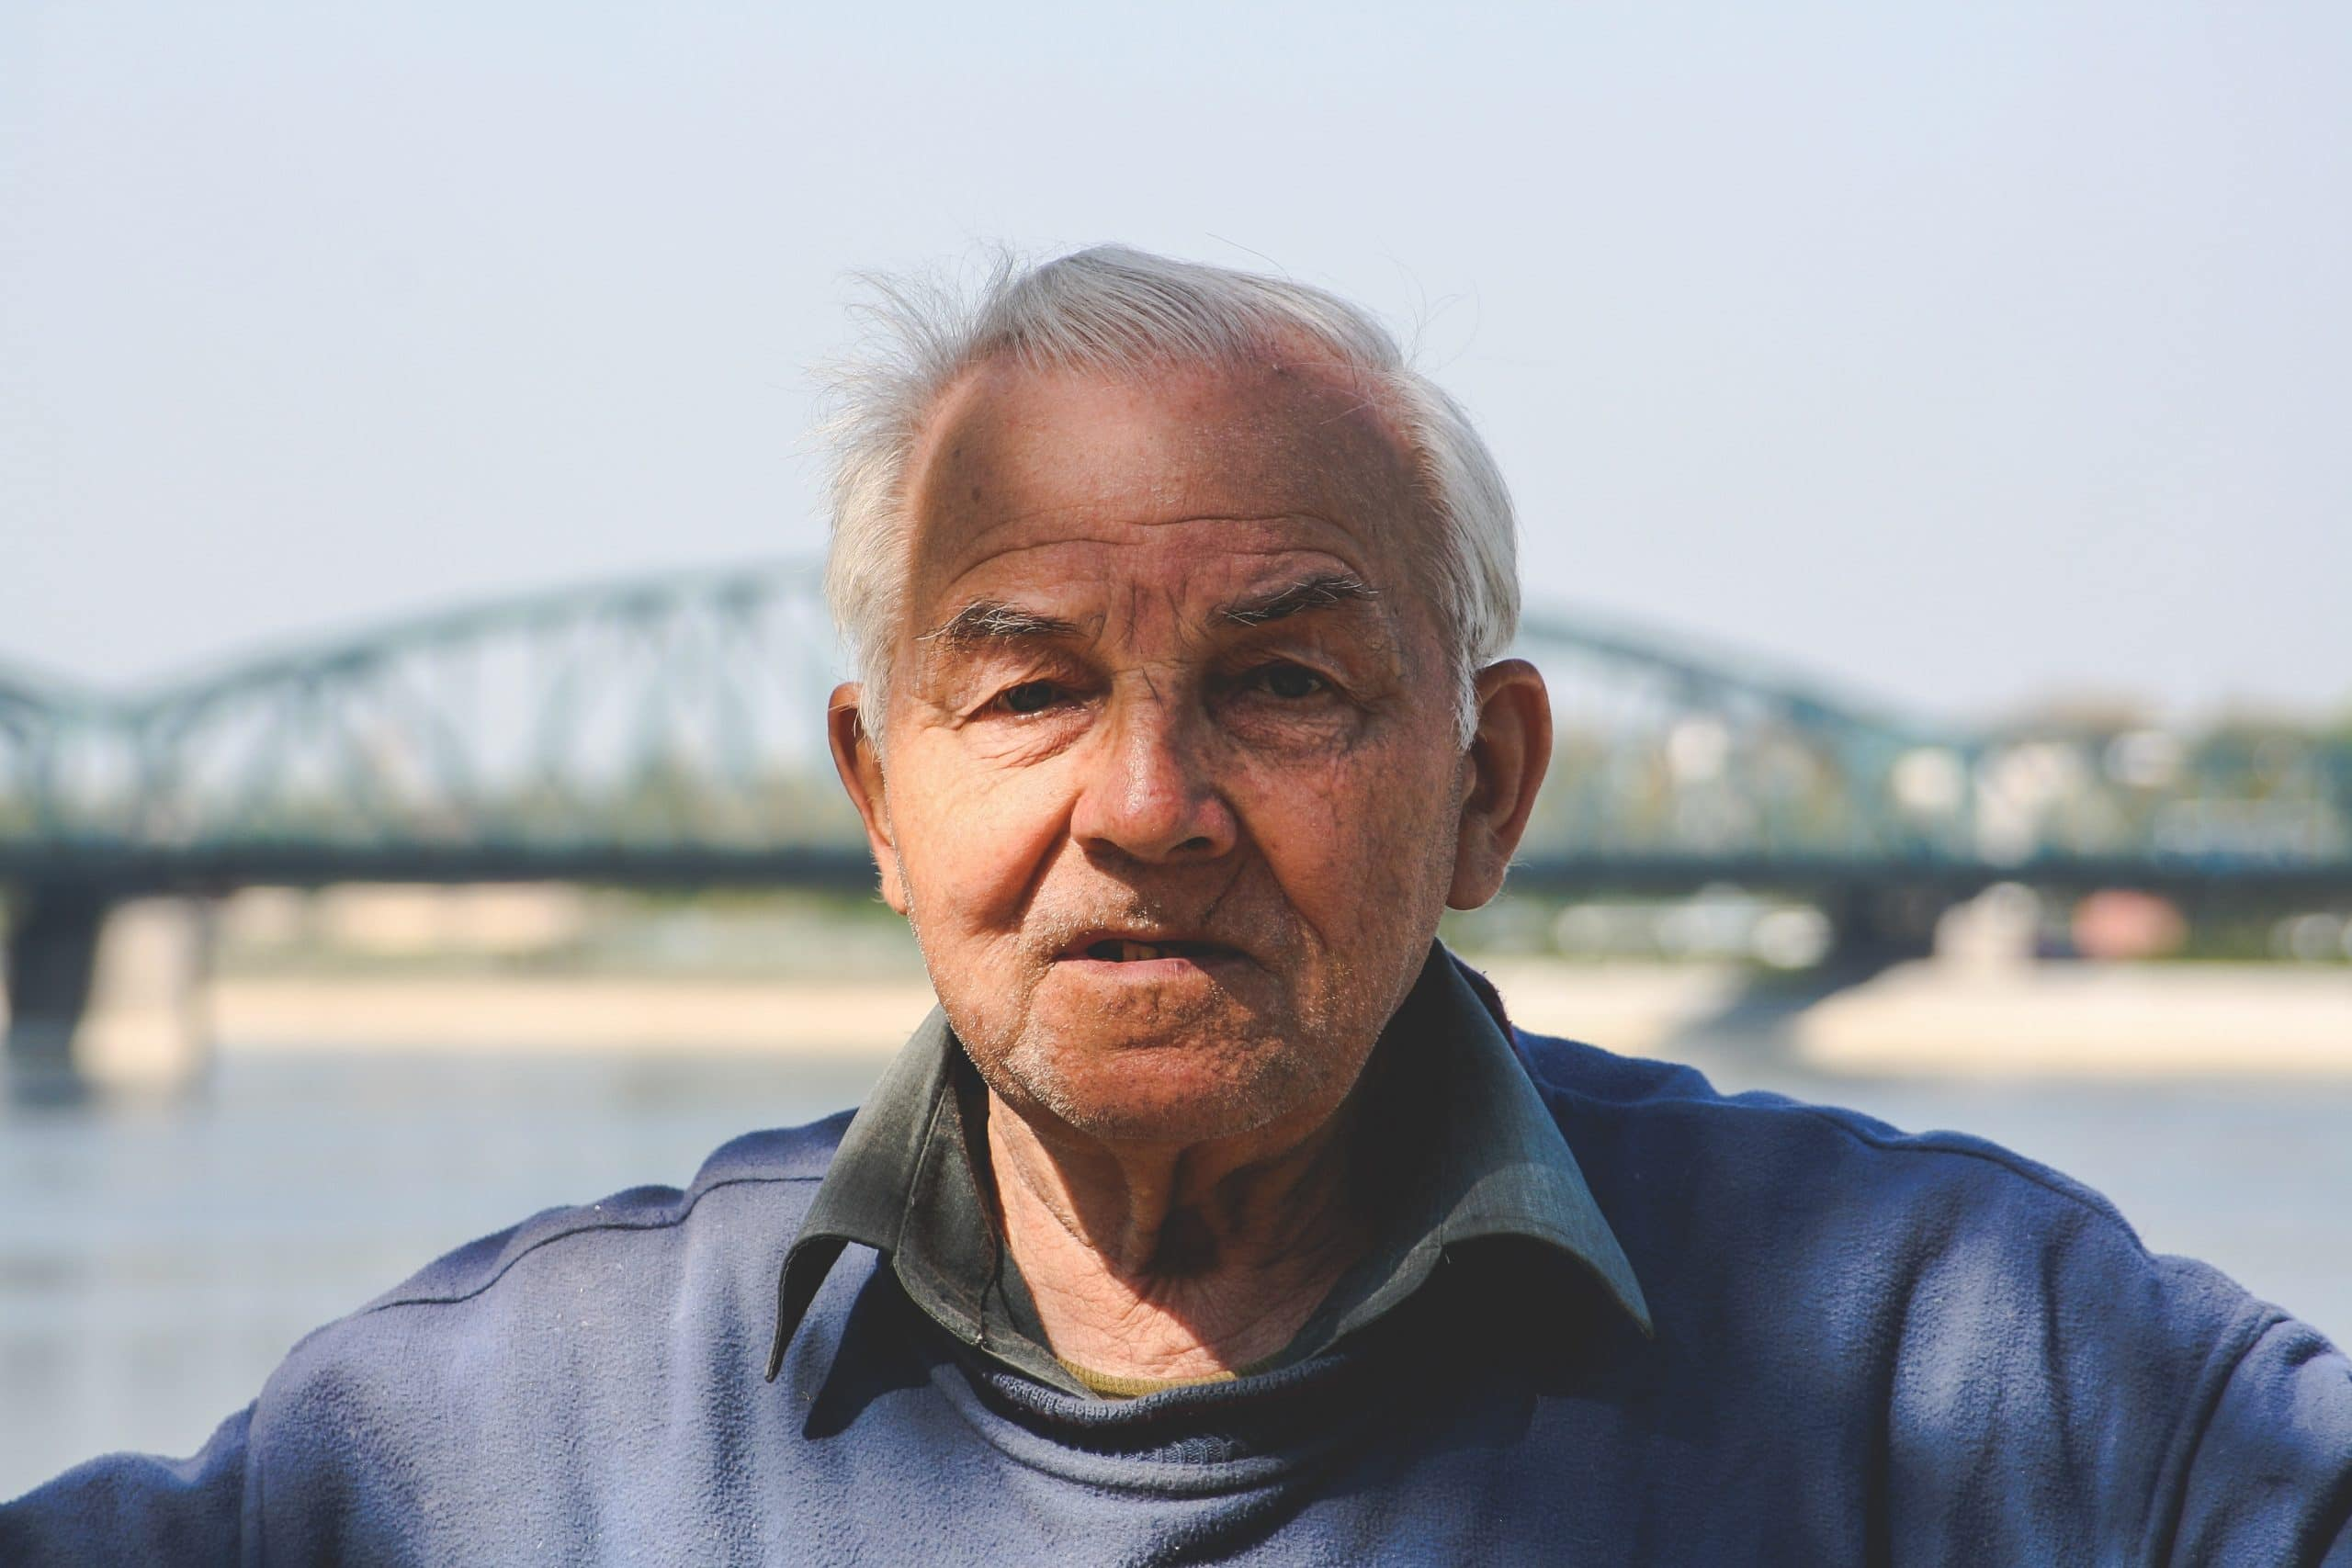 Senhor idoso em frente a uma ponte.